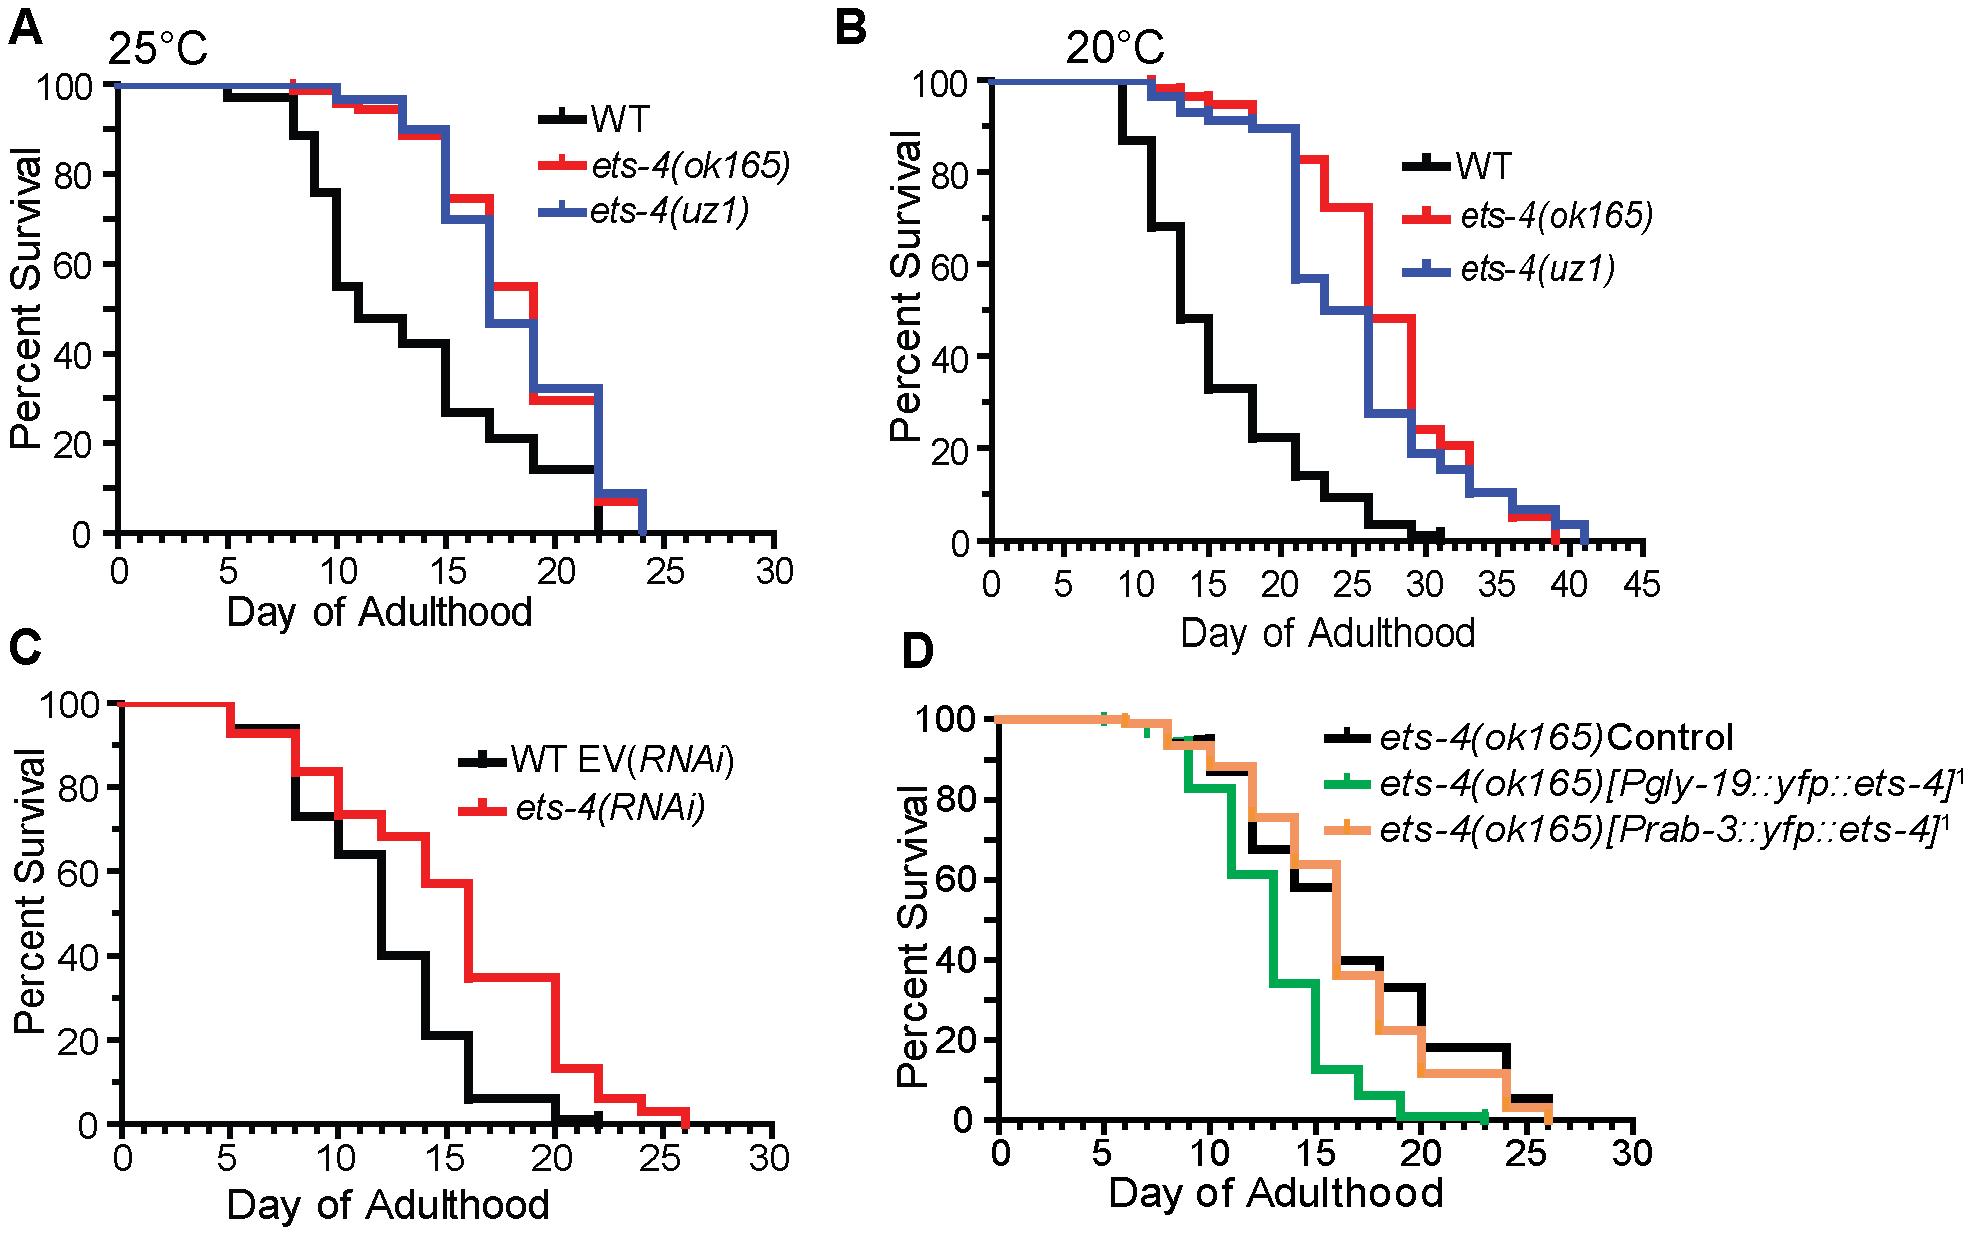 ETS-4 regulates <i>C. elegans</i> life span.